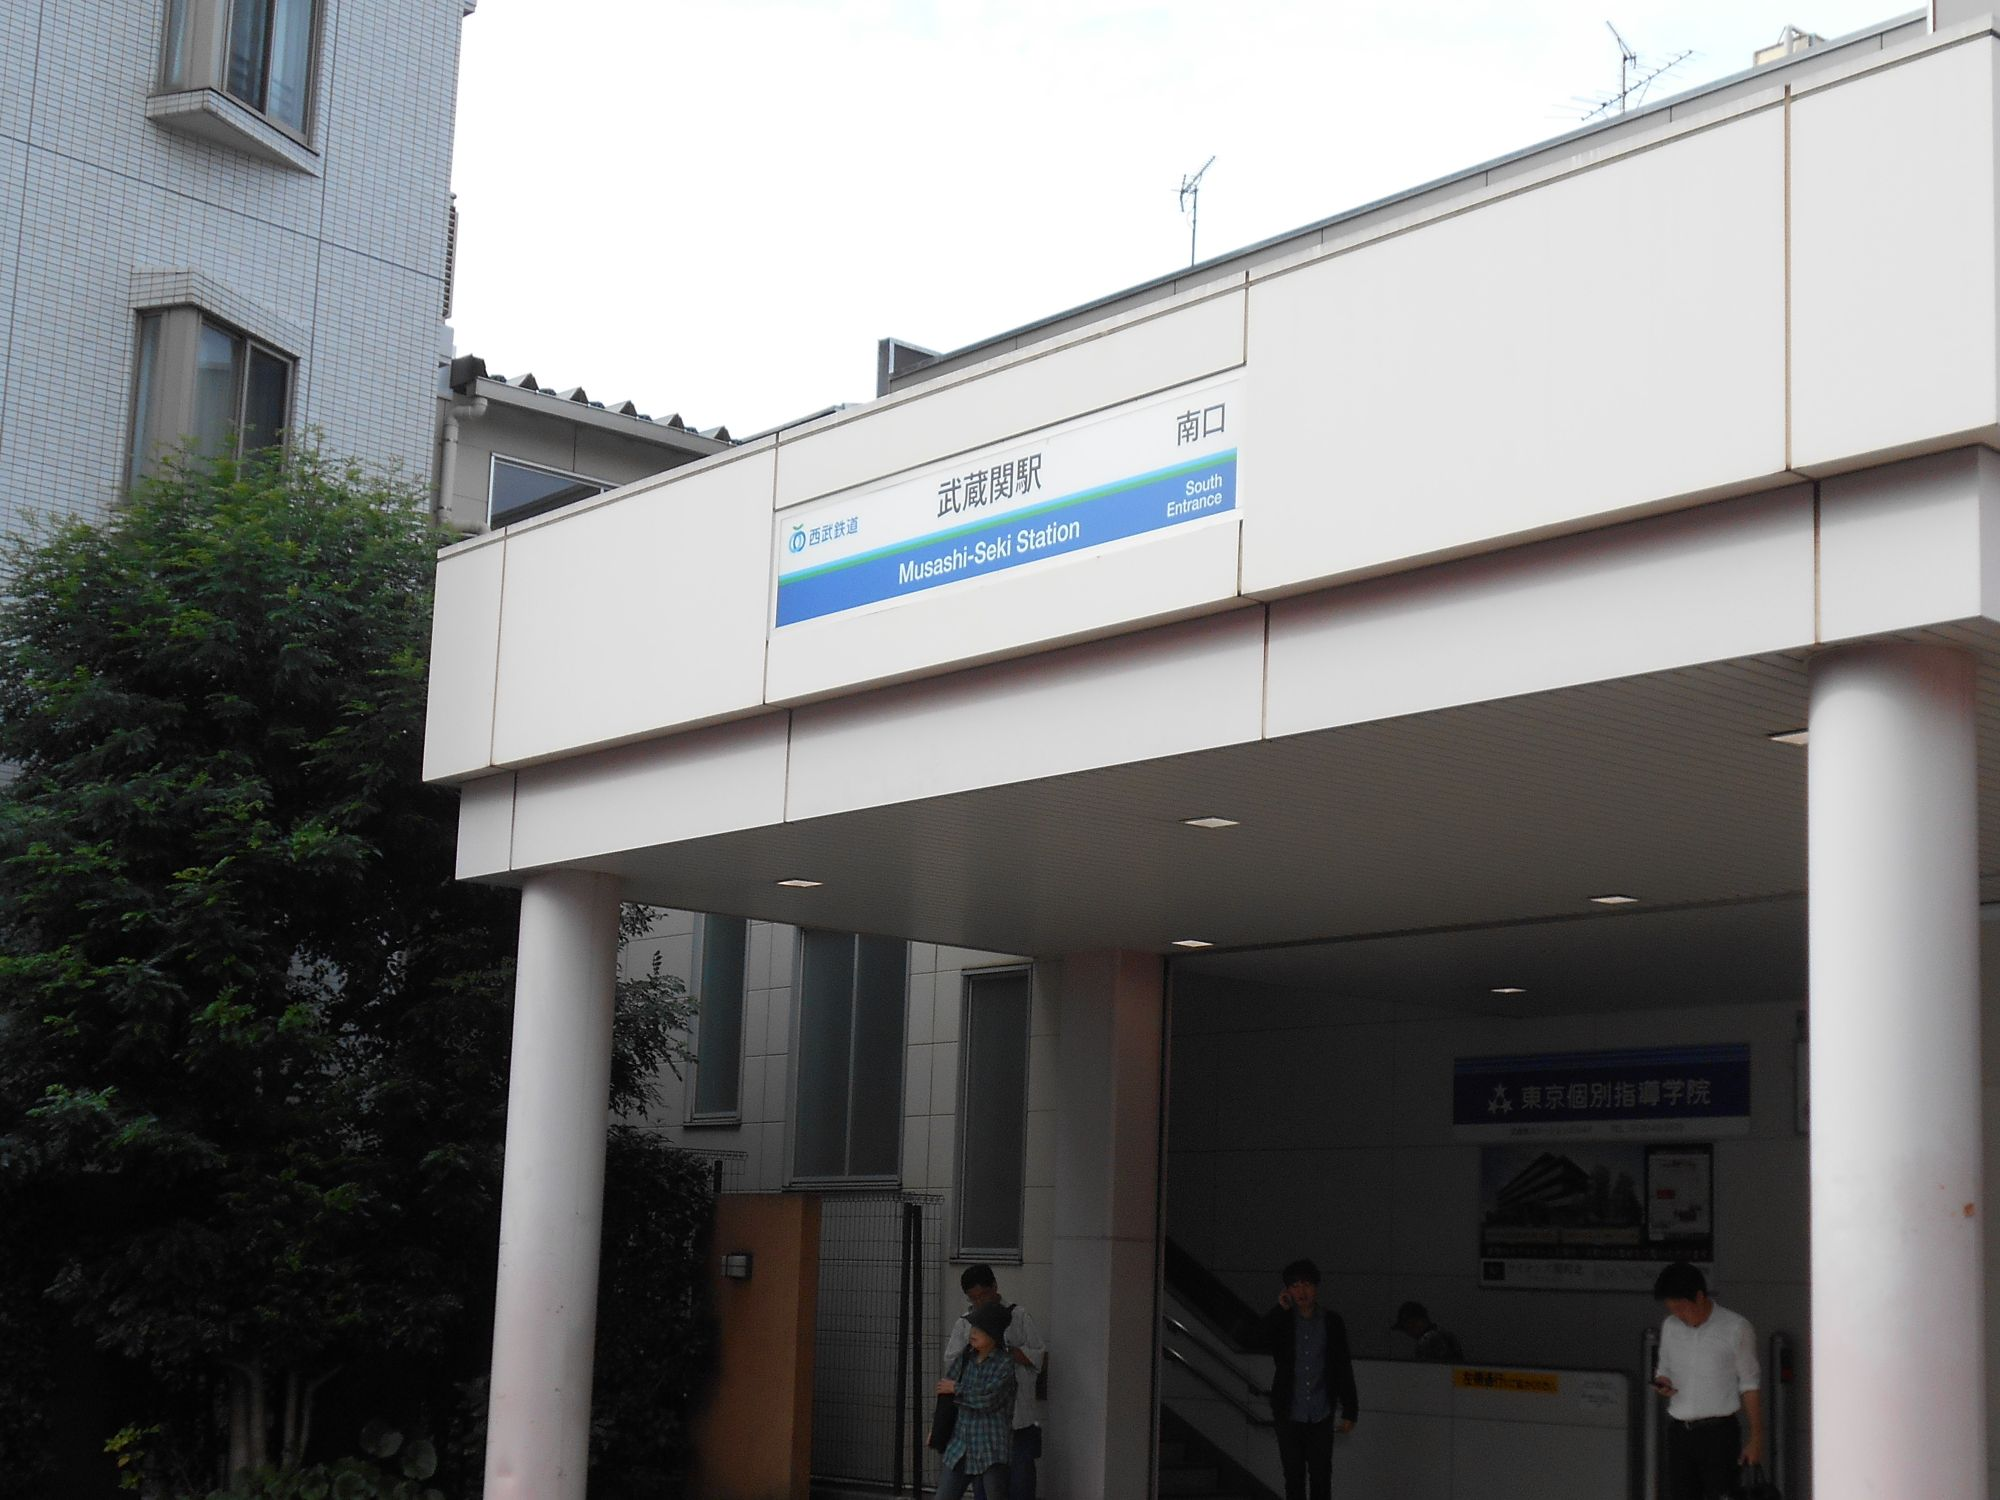 周辺施設:西部新宿線武蔵関駅